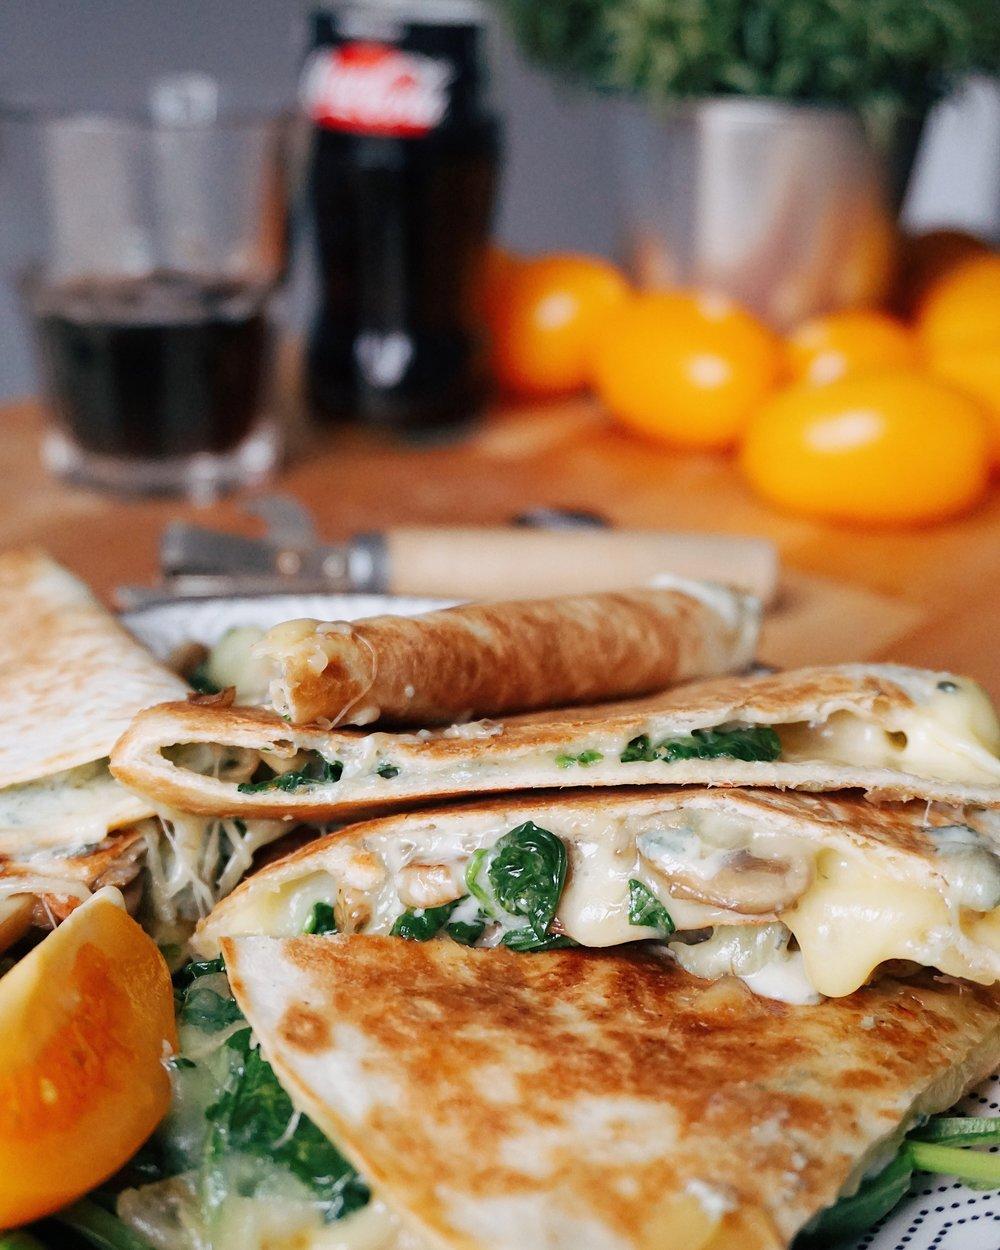 spinātu un sēņu kesadiljas - lai tik līst rudenīgs lietus, mēs ēdīsim spinātu un sēņu kesadiljas un staipīsim garumā izkusušo sieru 🧀🤤